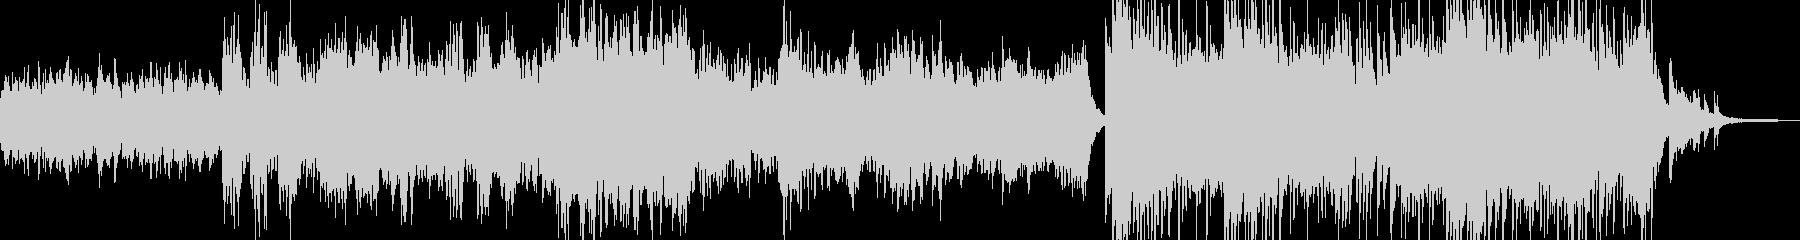 異世界・故人を想う曲 後半ドラム有 短尺の未再生の波形